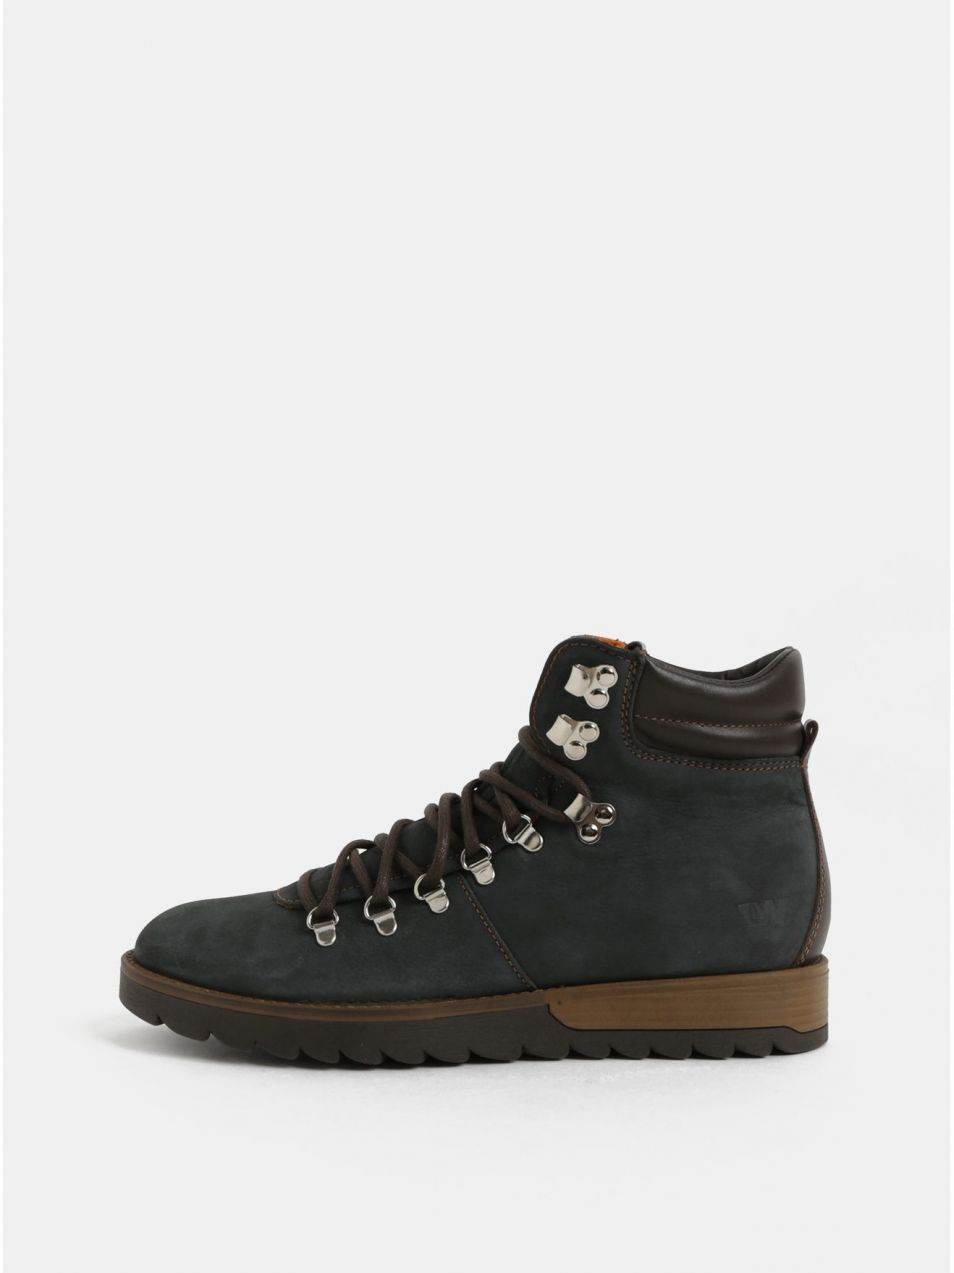 Tmavomodré pánske kožené členkové topánky Weinbrenner značky ... ee3897f3637